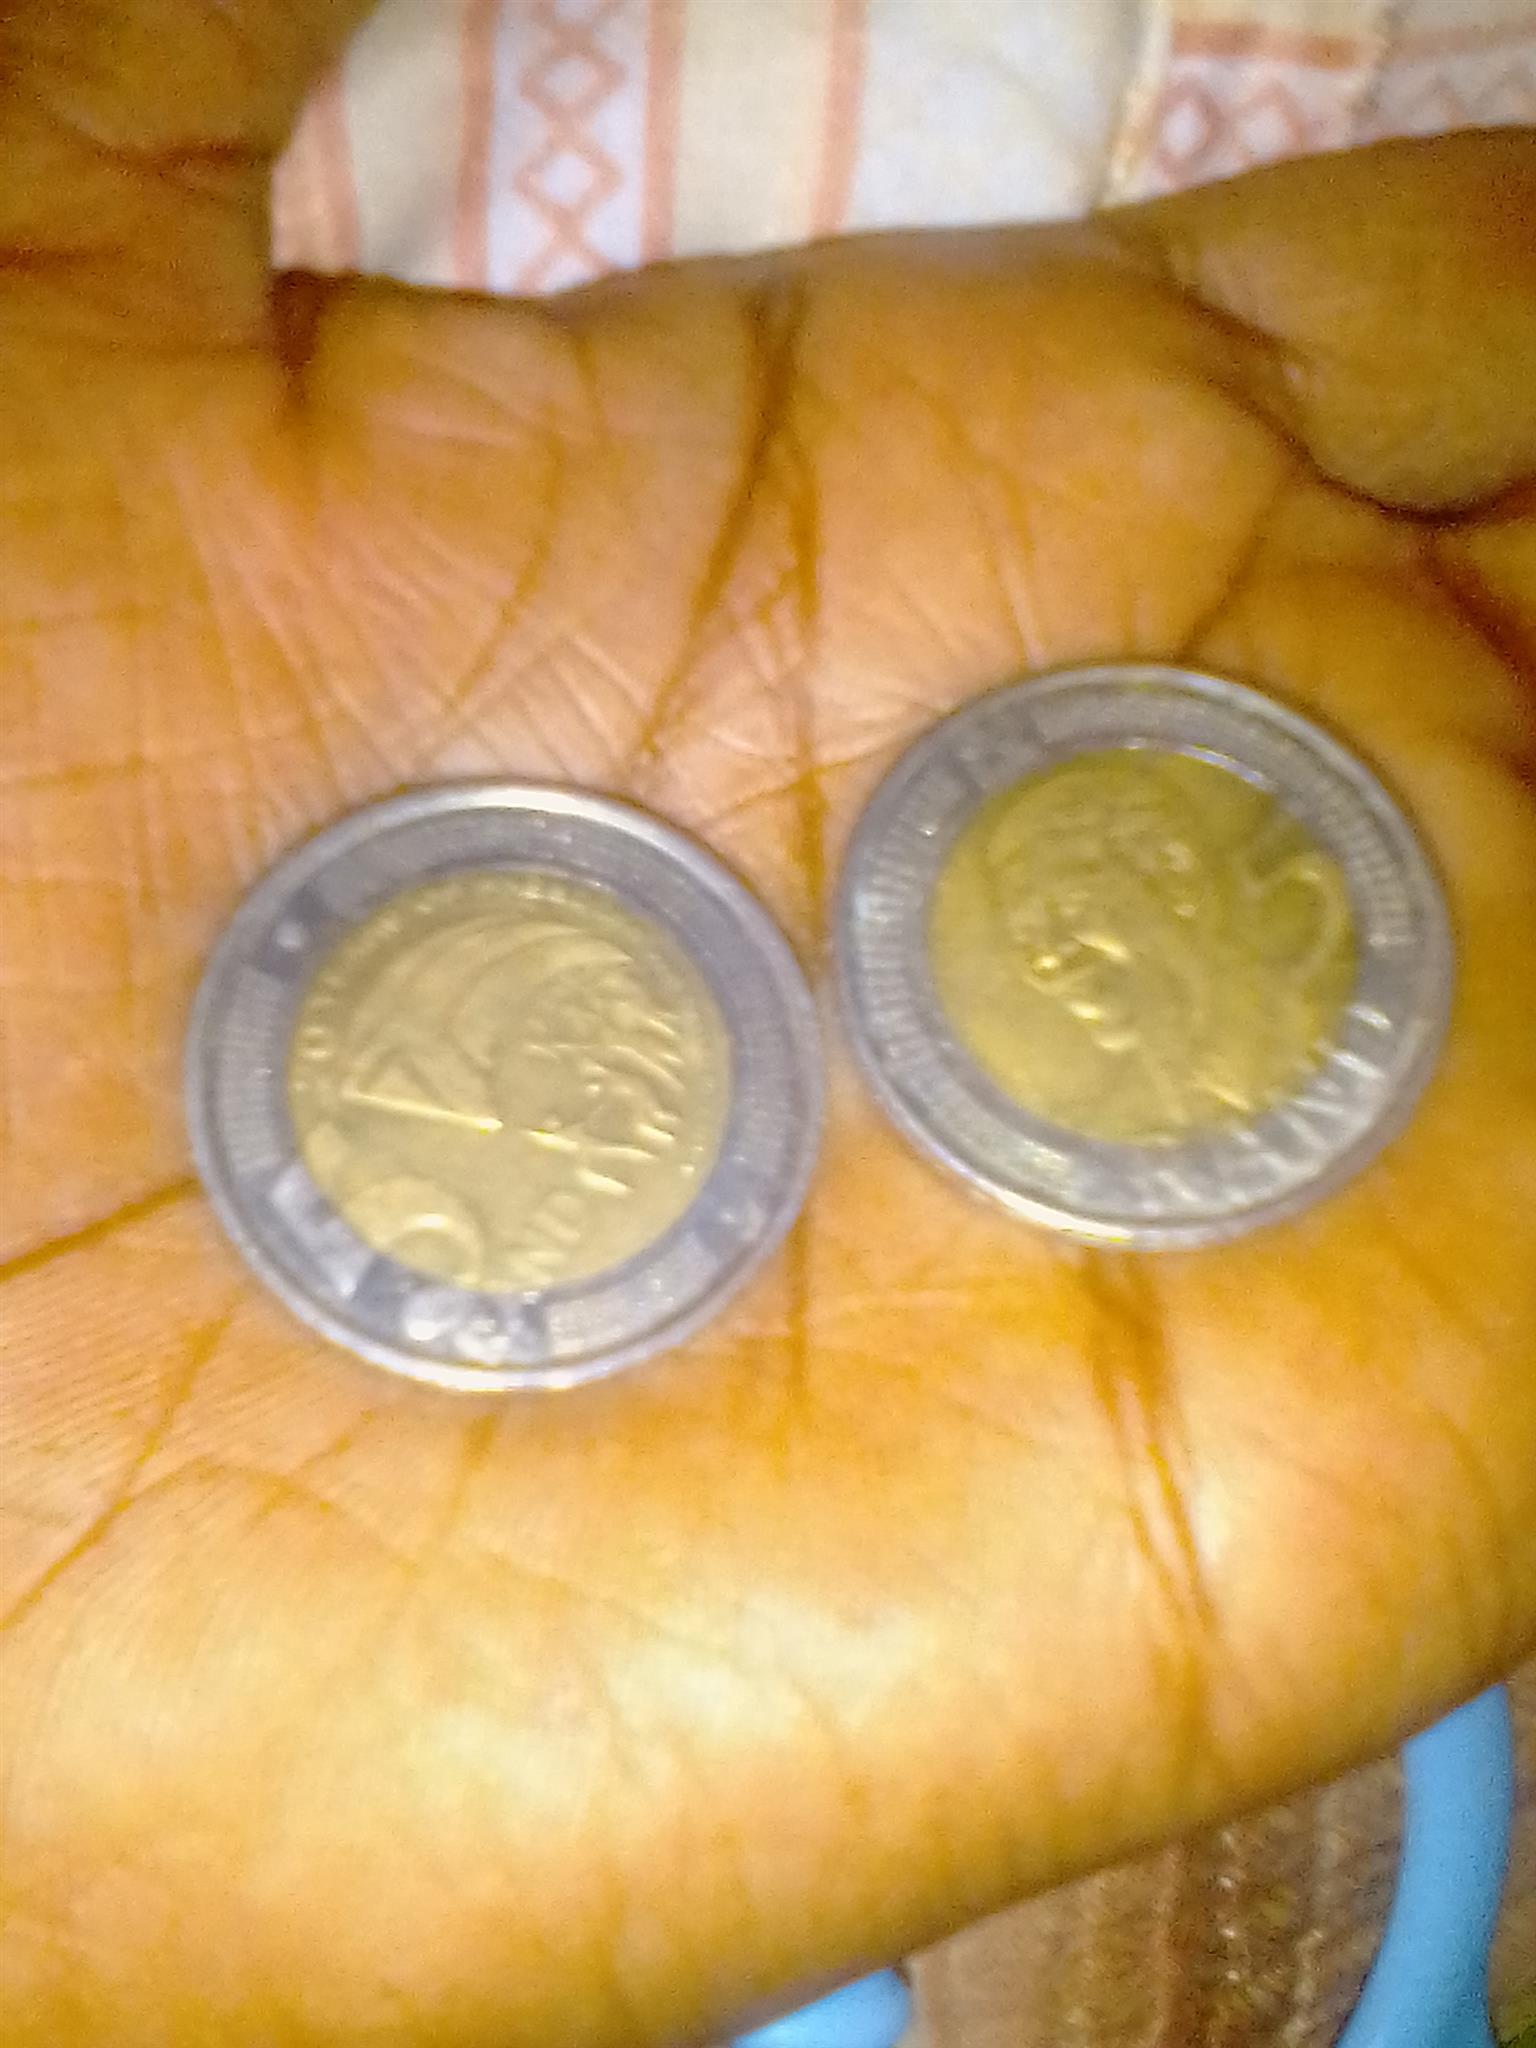 Mandela's coins